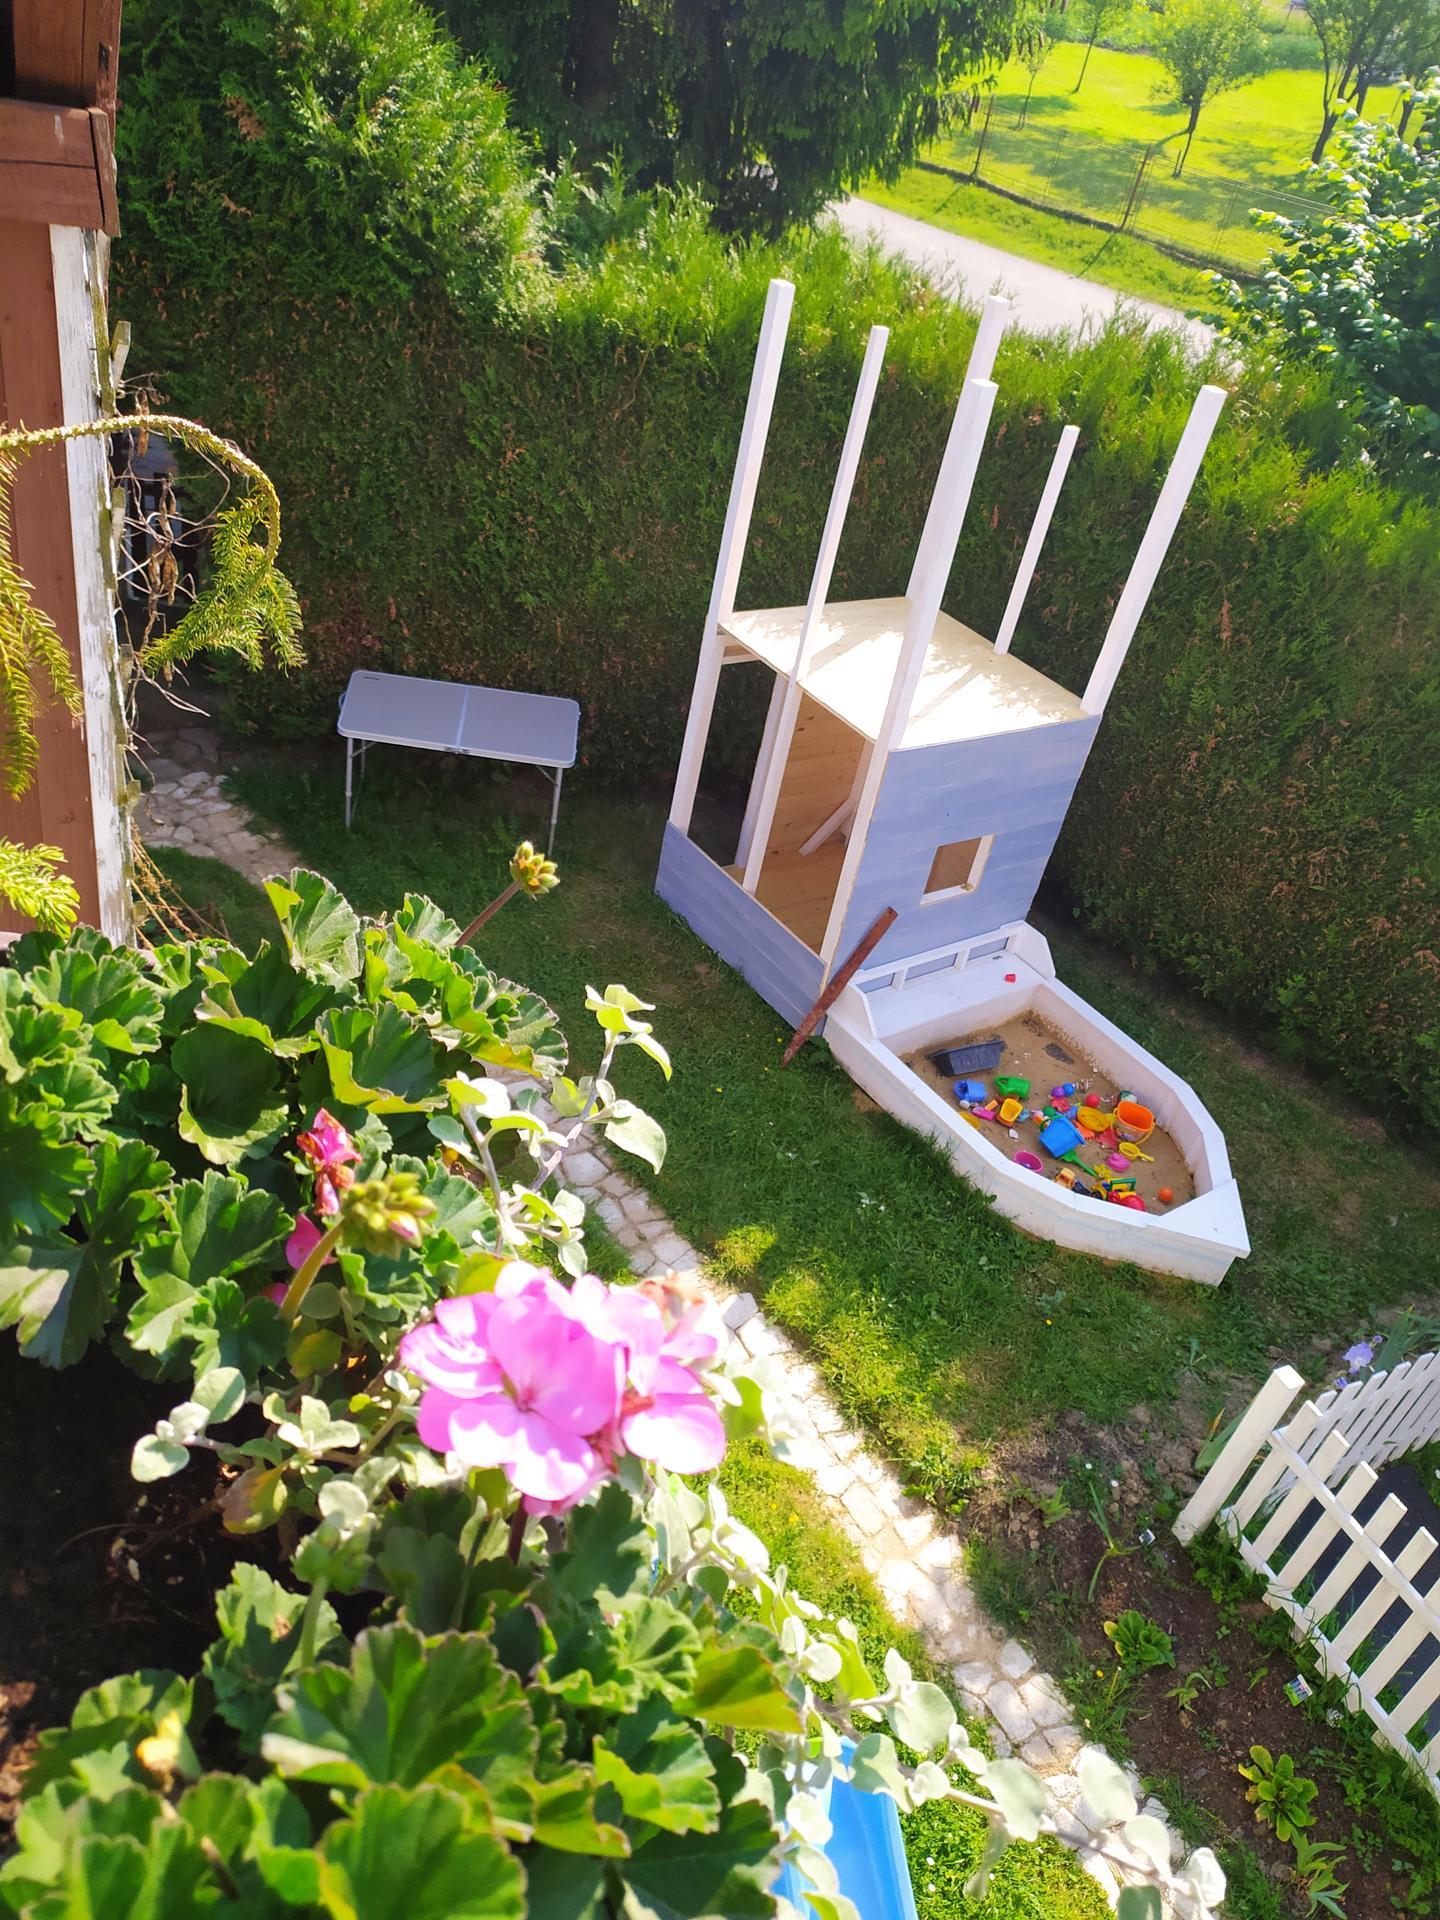 Jarně letní zahrada - Obrázek č. 14